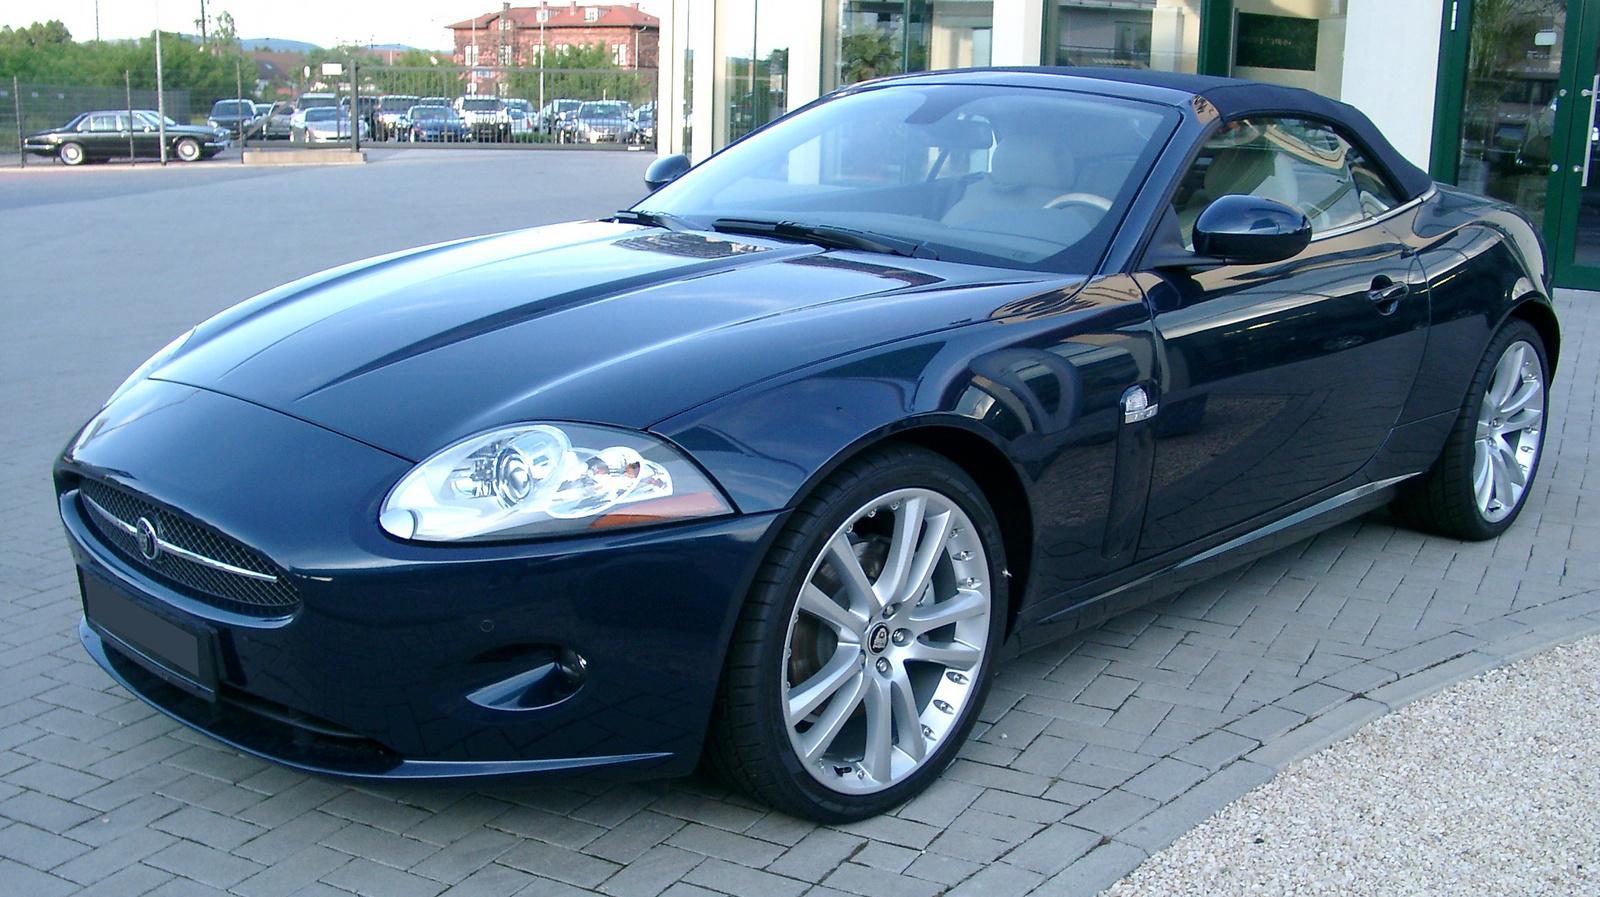 2010 Jaguar XK-Series - Pictures - CarGurus